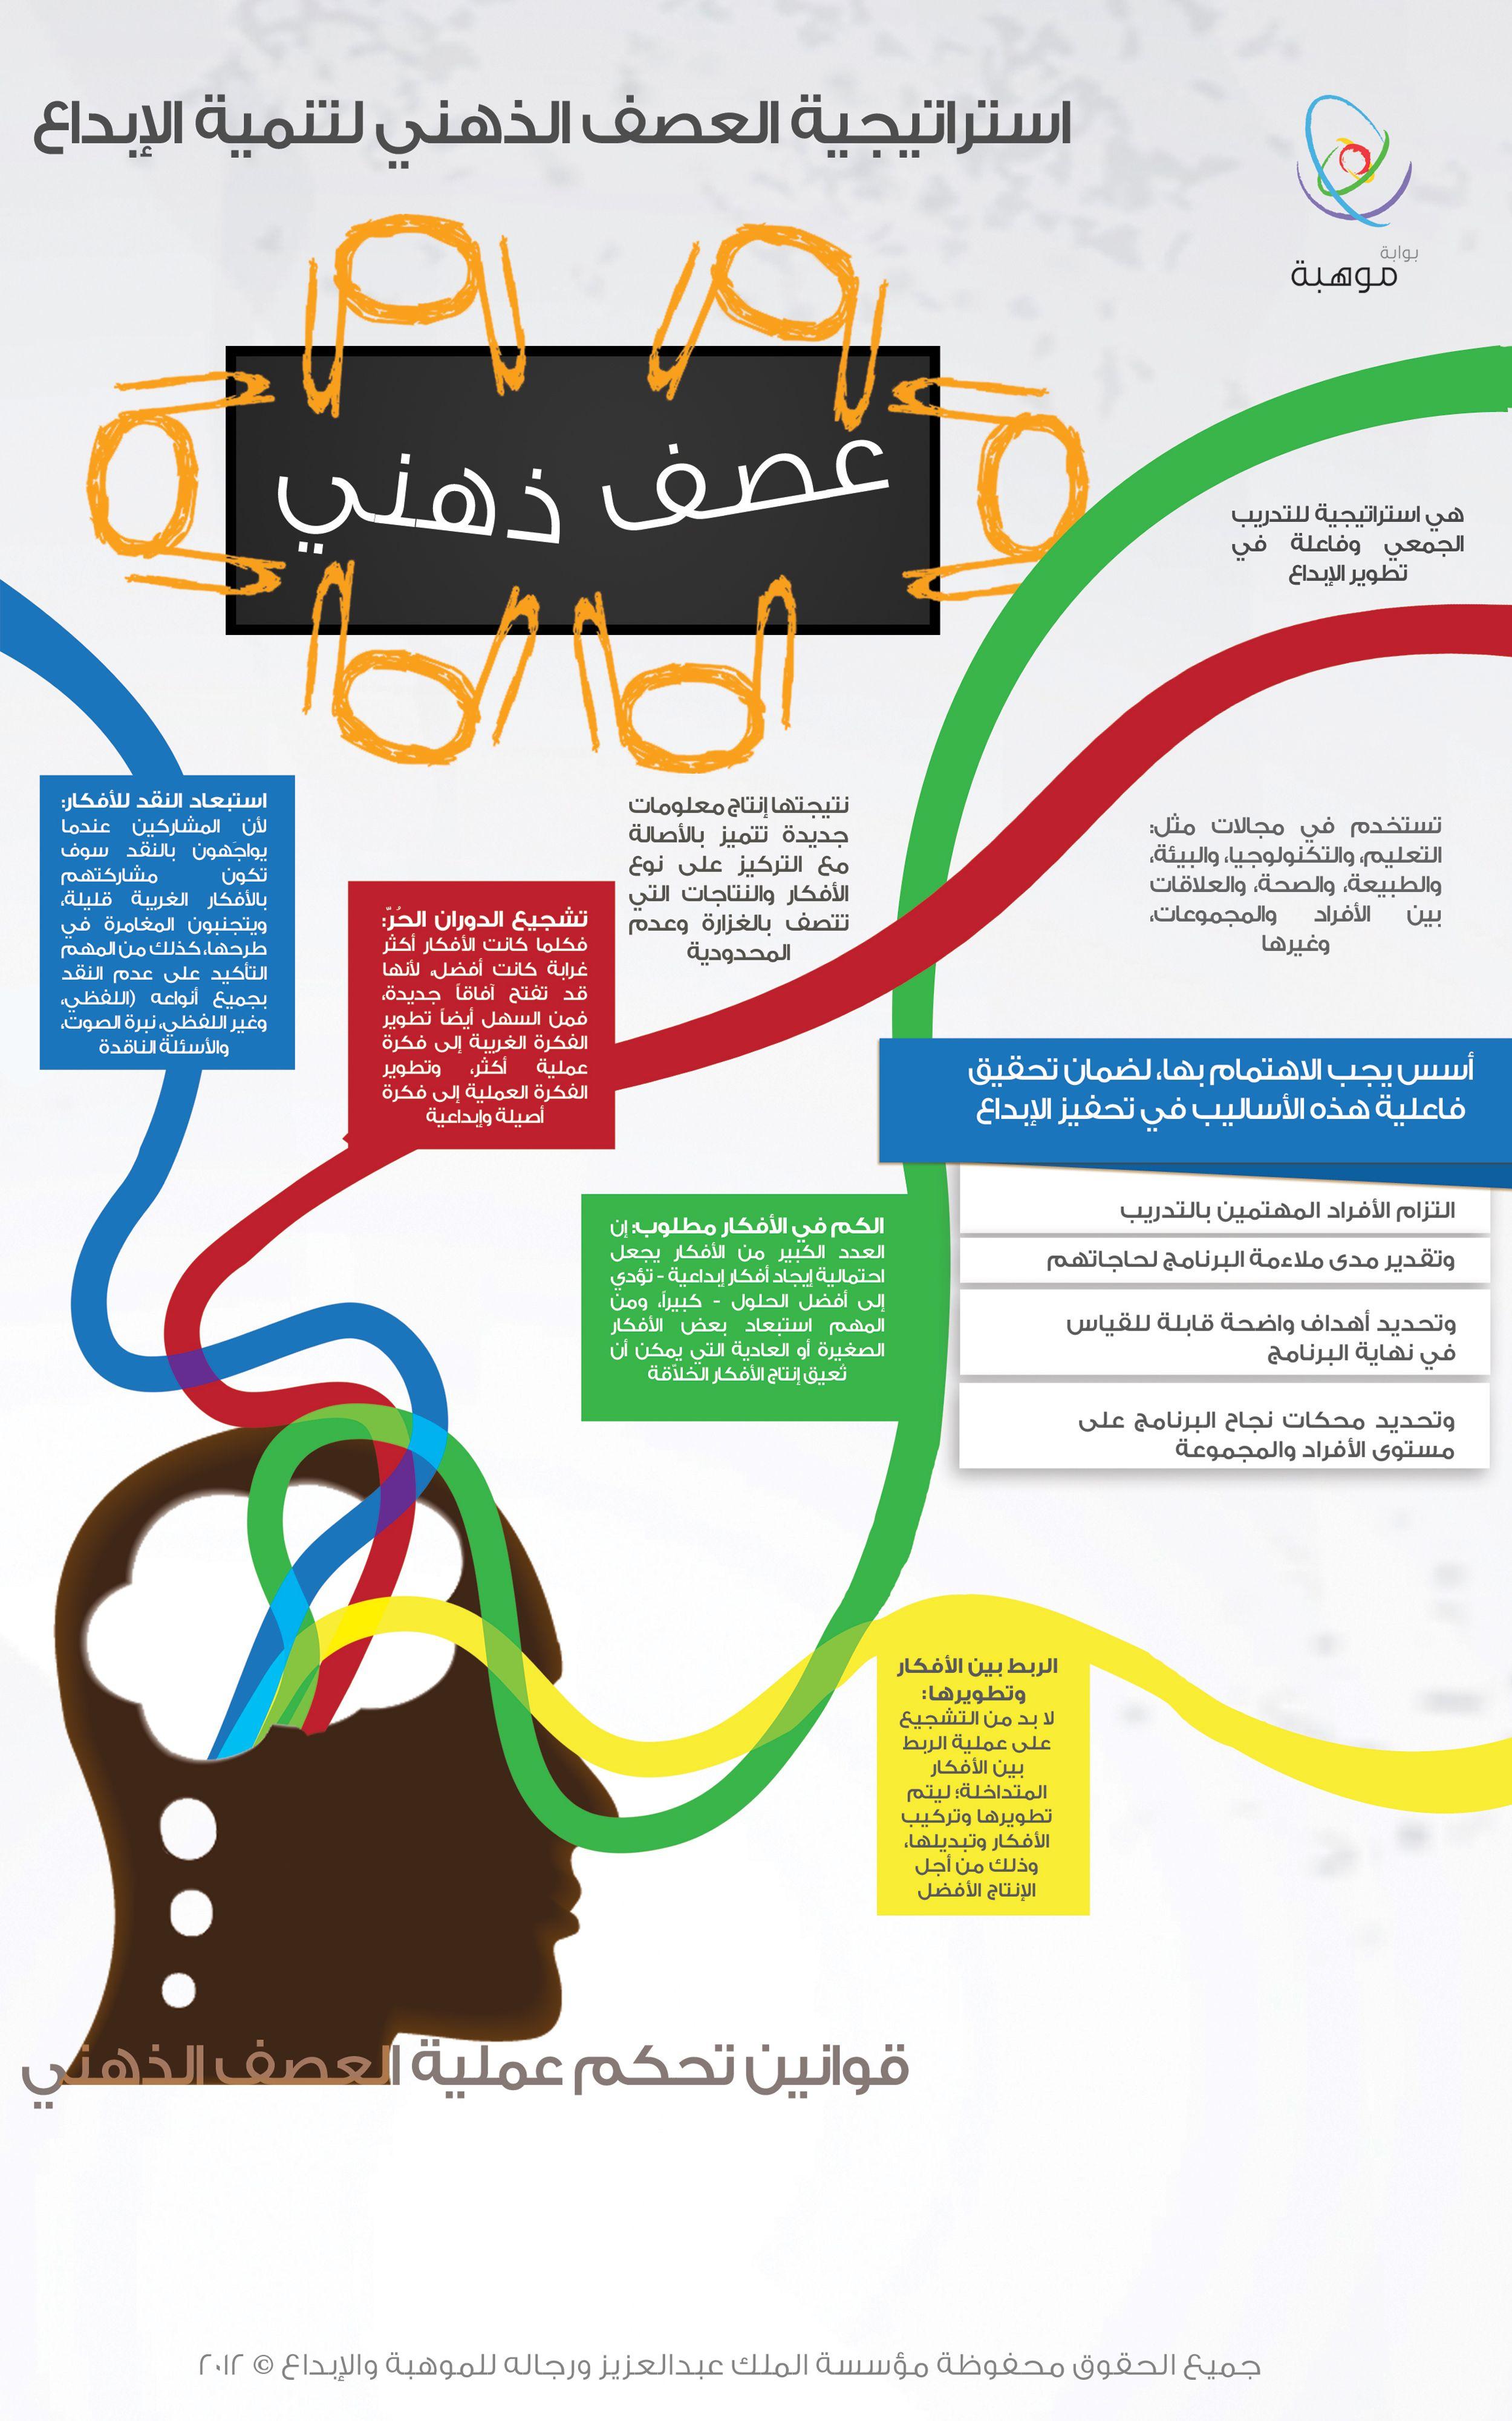 كل ما تحتاج معرفته عن عملية العصف الذهني ودورها في العملية الإبداعية Http Www Mawhiba Org Infograph Pages Details A Intellegence Life Skills Business Notes